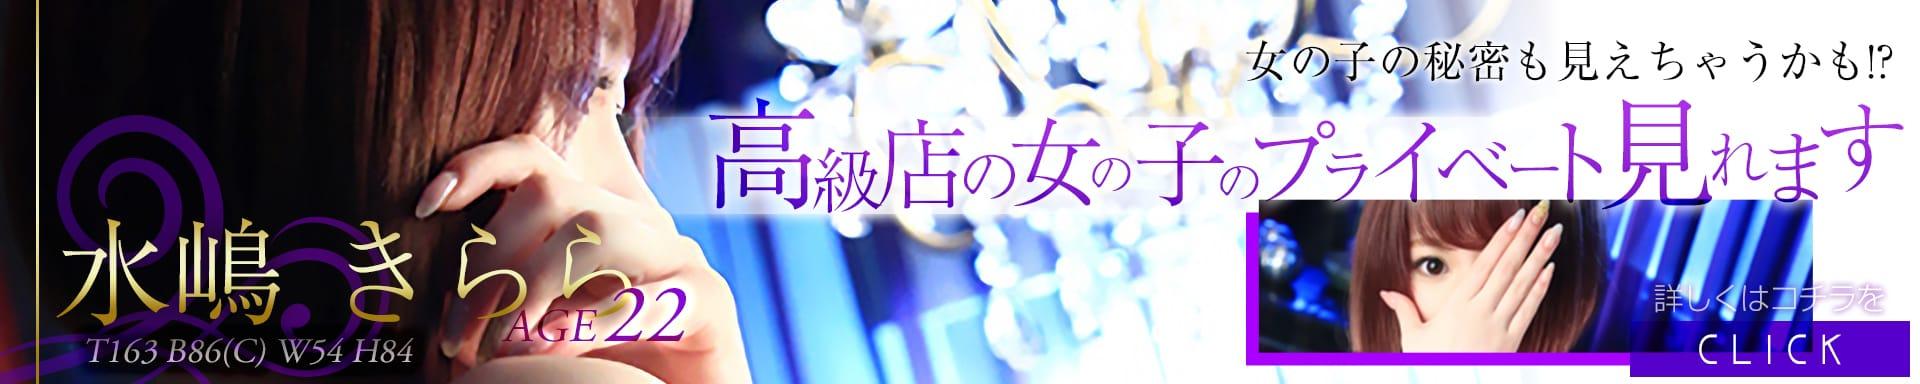 Club BLENDA 金沢(クラブブレンダ) その2